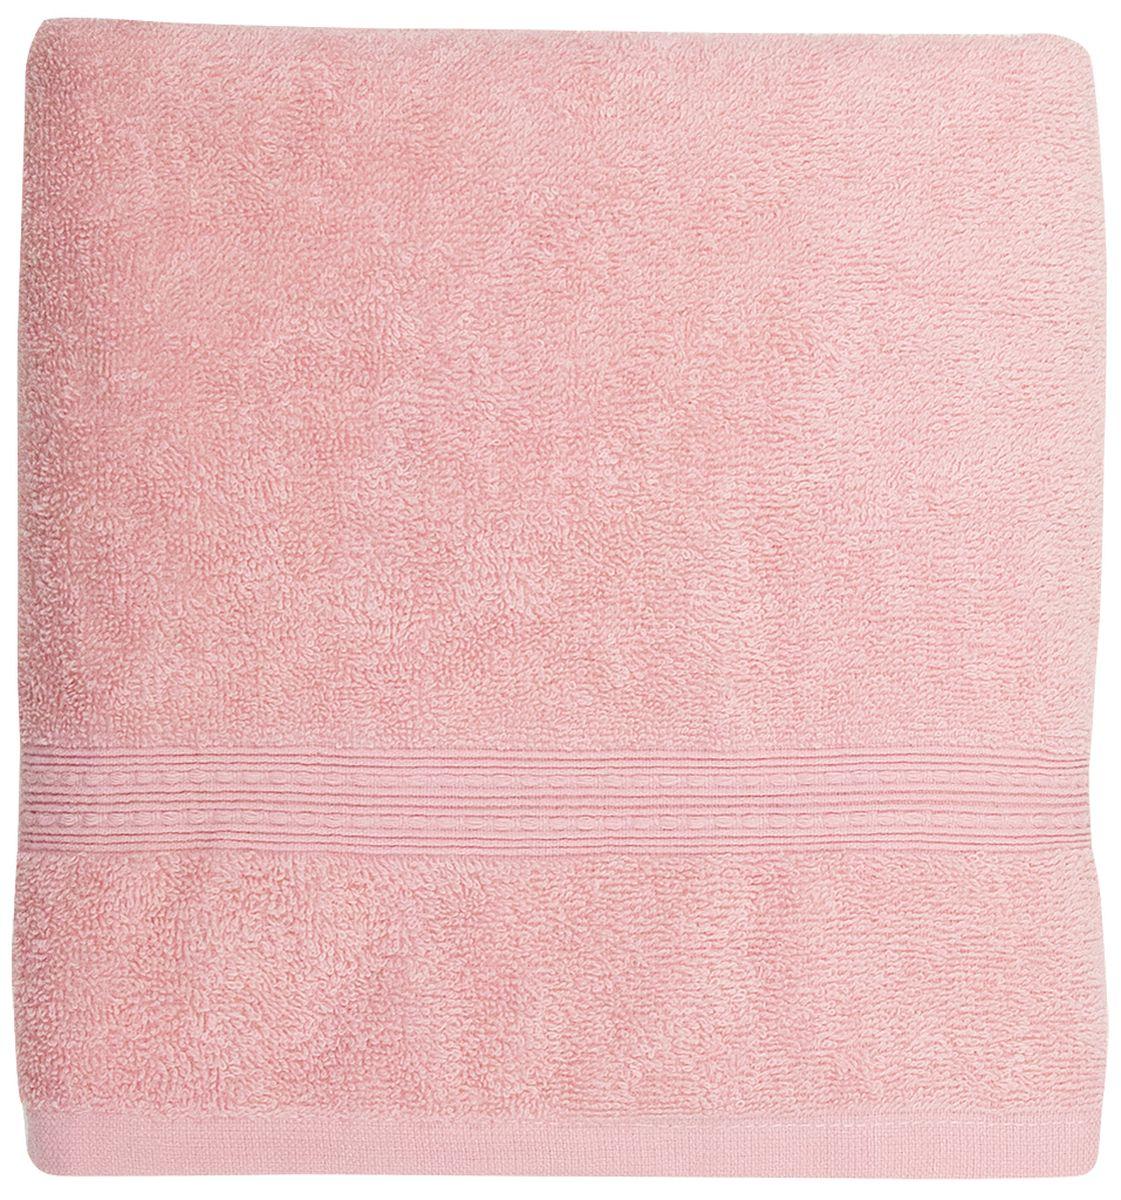 Полотенце банное Bonita Classic, цвет: роза, 70 х 140 см1011217225Банное полотенце Bonita Classic выполнено из 100% хлопка. Изделие отлично впитывает влагу, быстро сохнет, сохраняет яркость цвета и не теряет форму даже после многократных стирок. Такое полотенце очень практично и неприхотливо в уходе. Оно создаст прекрасное настроение и украсит интерьер в ванной комнате.